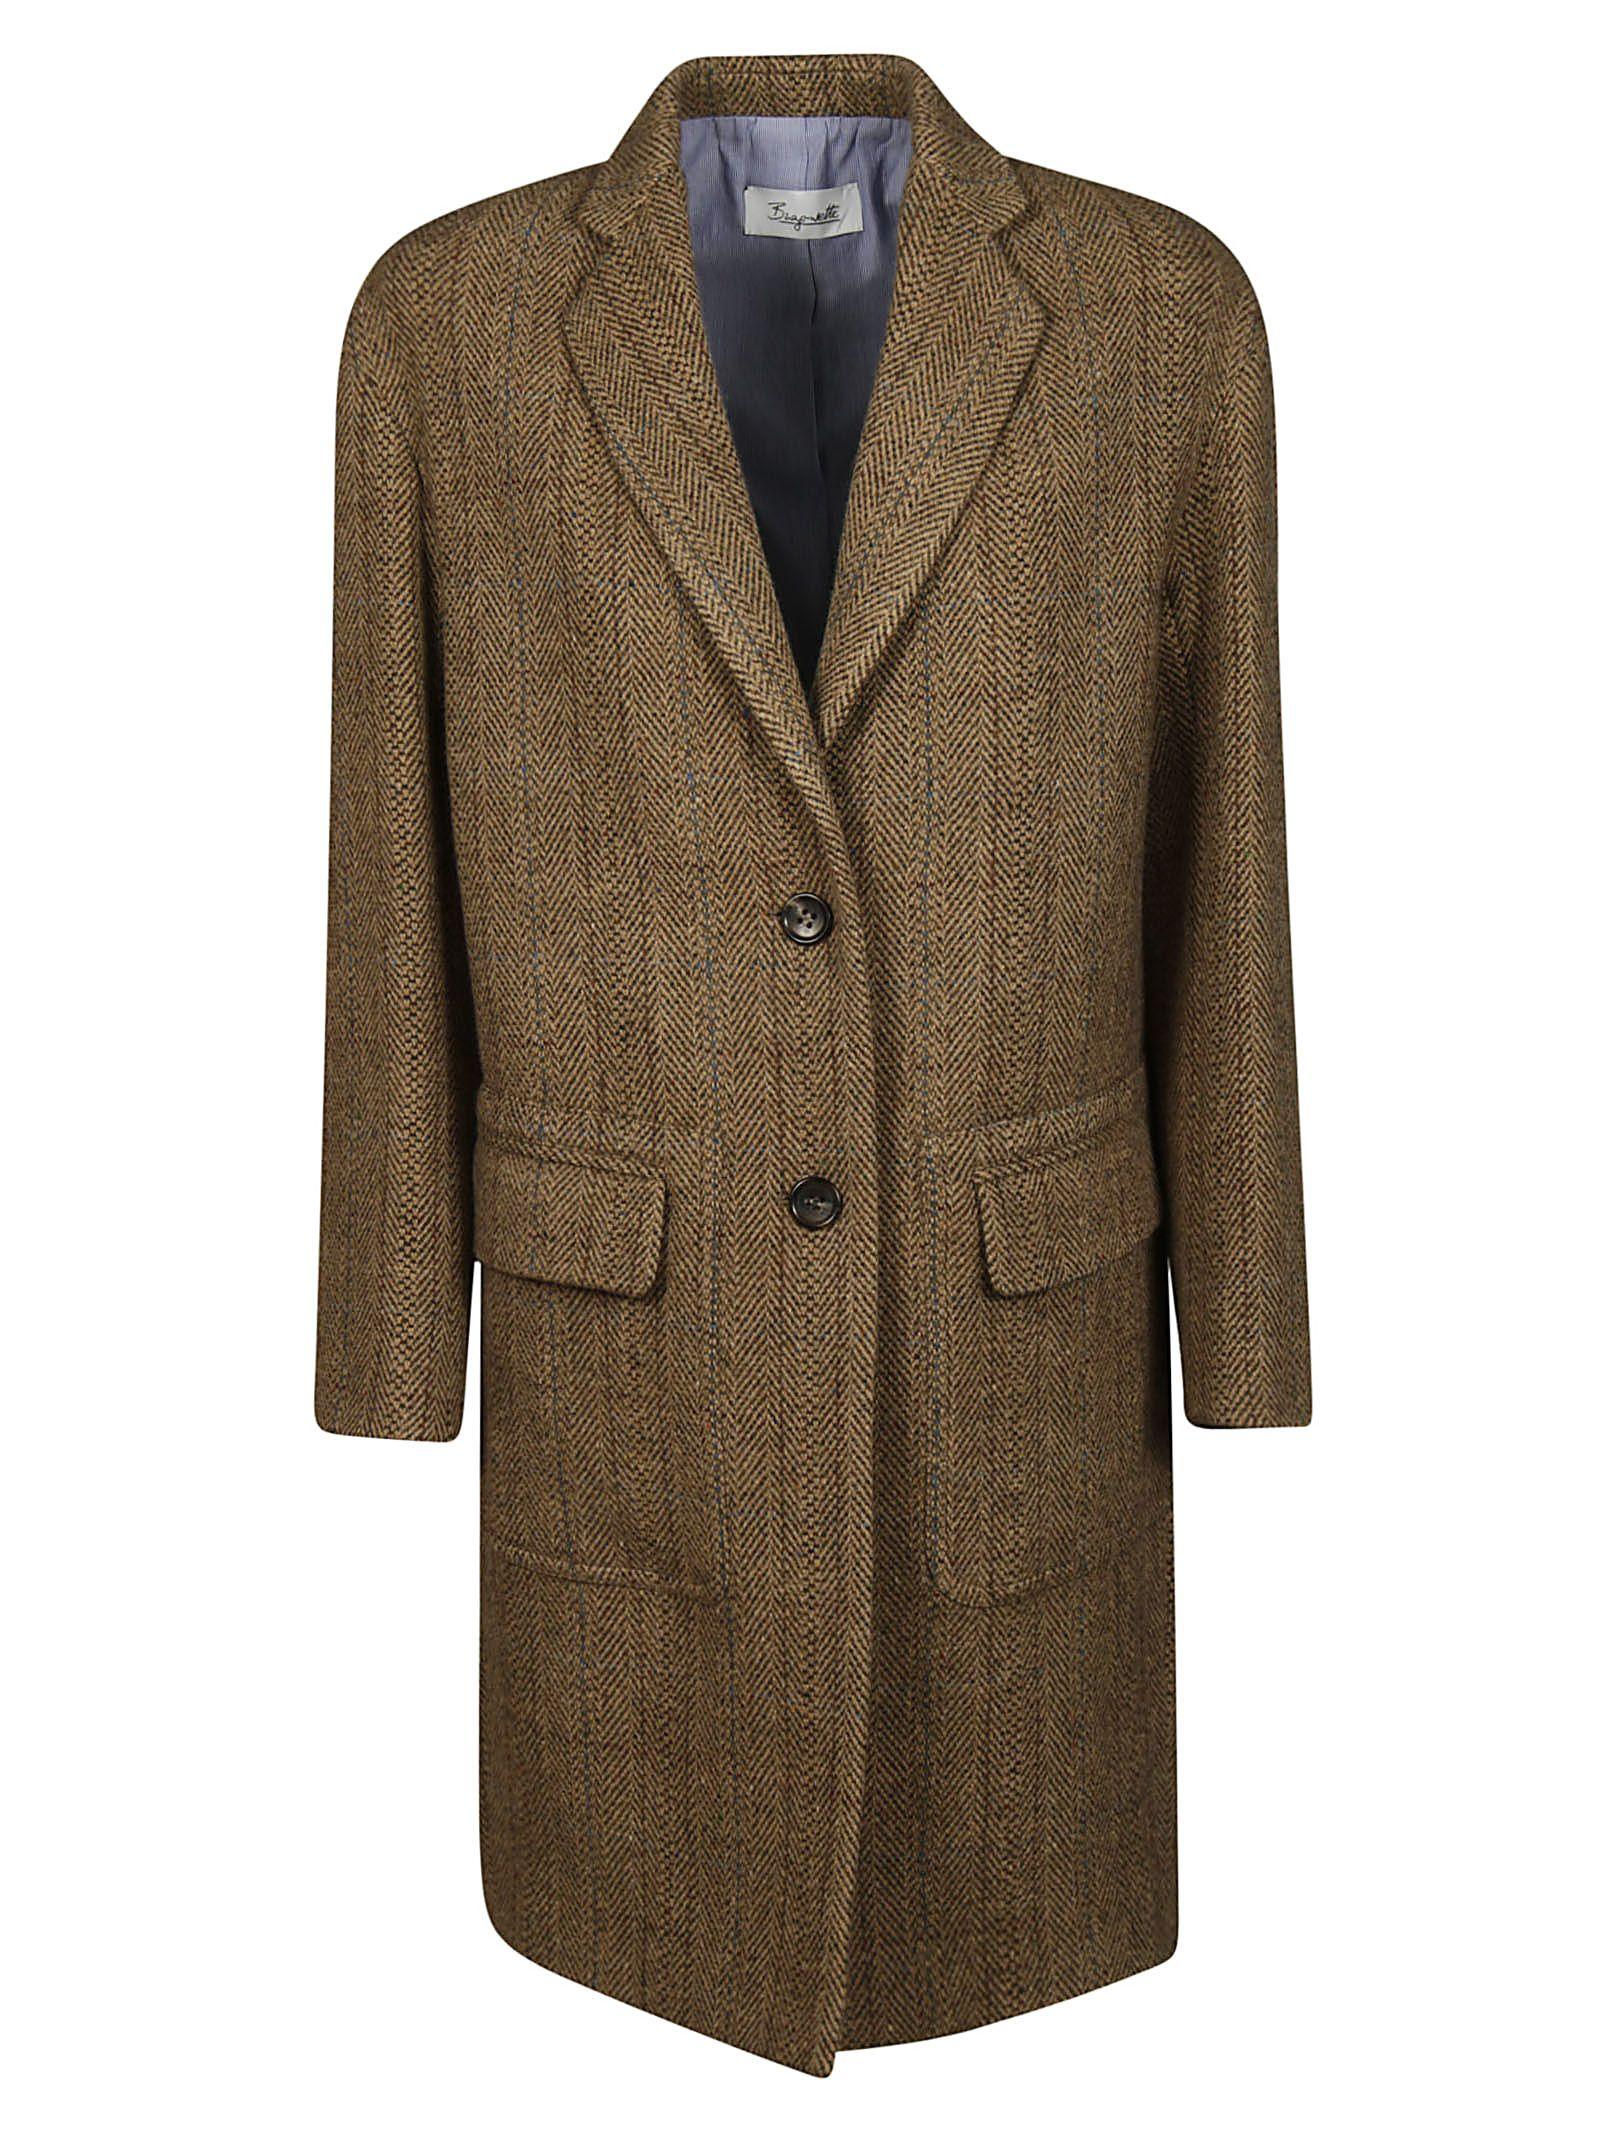 BRAG-WETTE Brag-Wette Single Breasted Coat